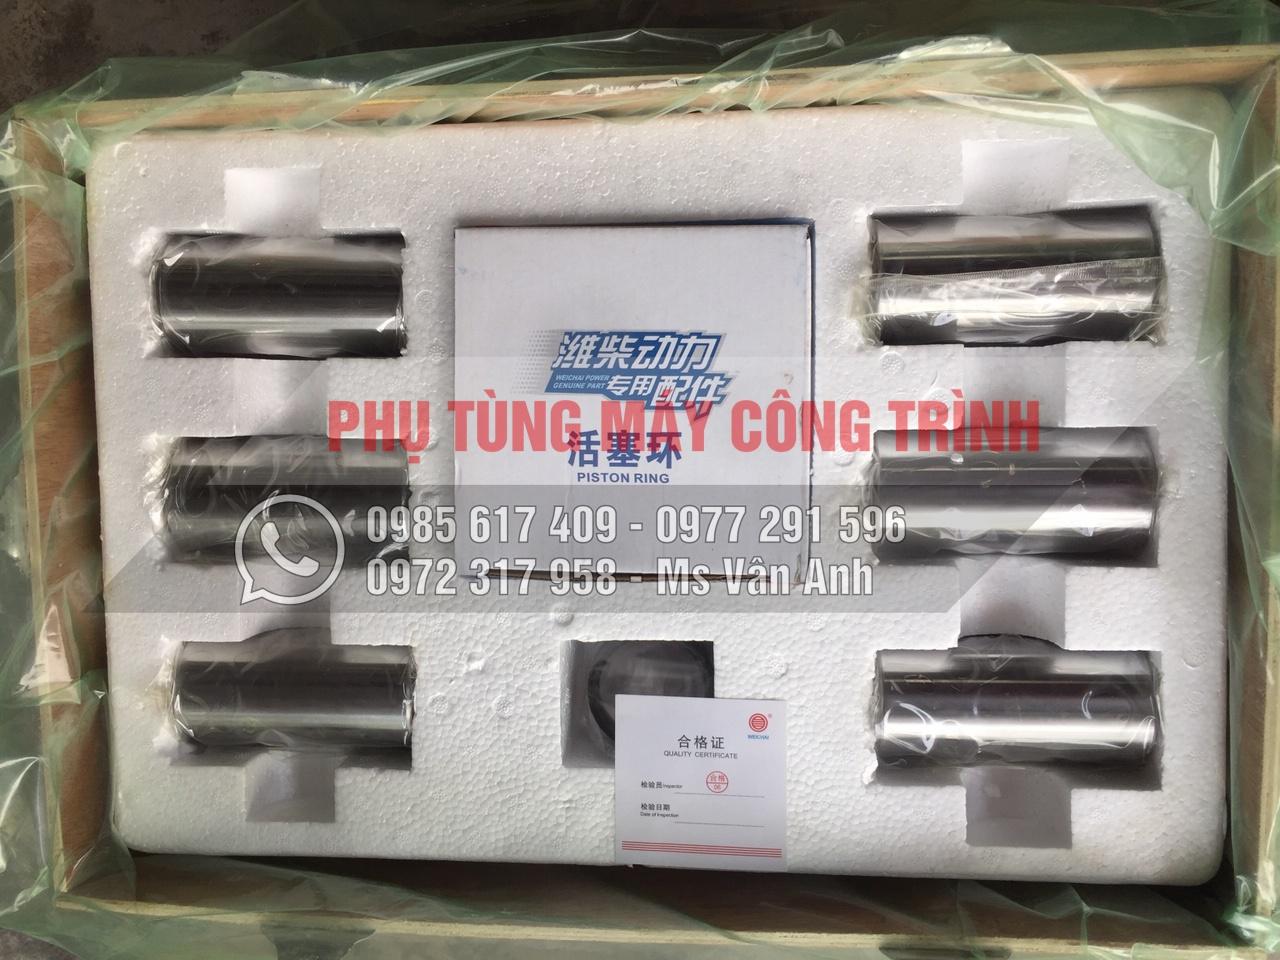 Bộ hơi Weichai hàng chính hãng- giá rẻ nhất Hà Nội